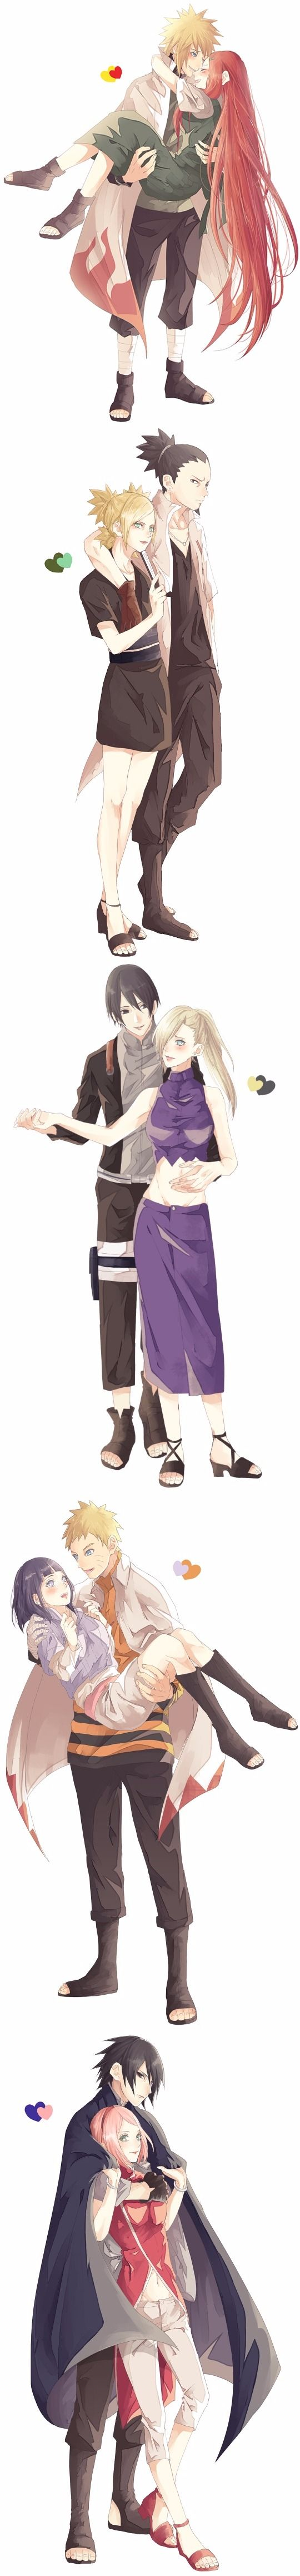 MinaKushi, ShikaTema, SaiIno, NaruHina, SasuSaku #naruto<<<don't ship NaruHina or SaduSaku but still cute